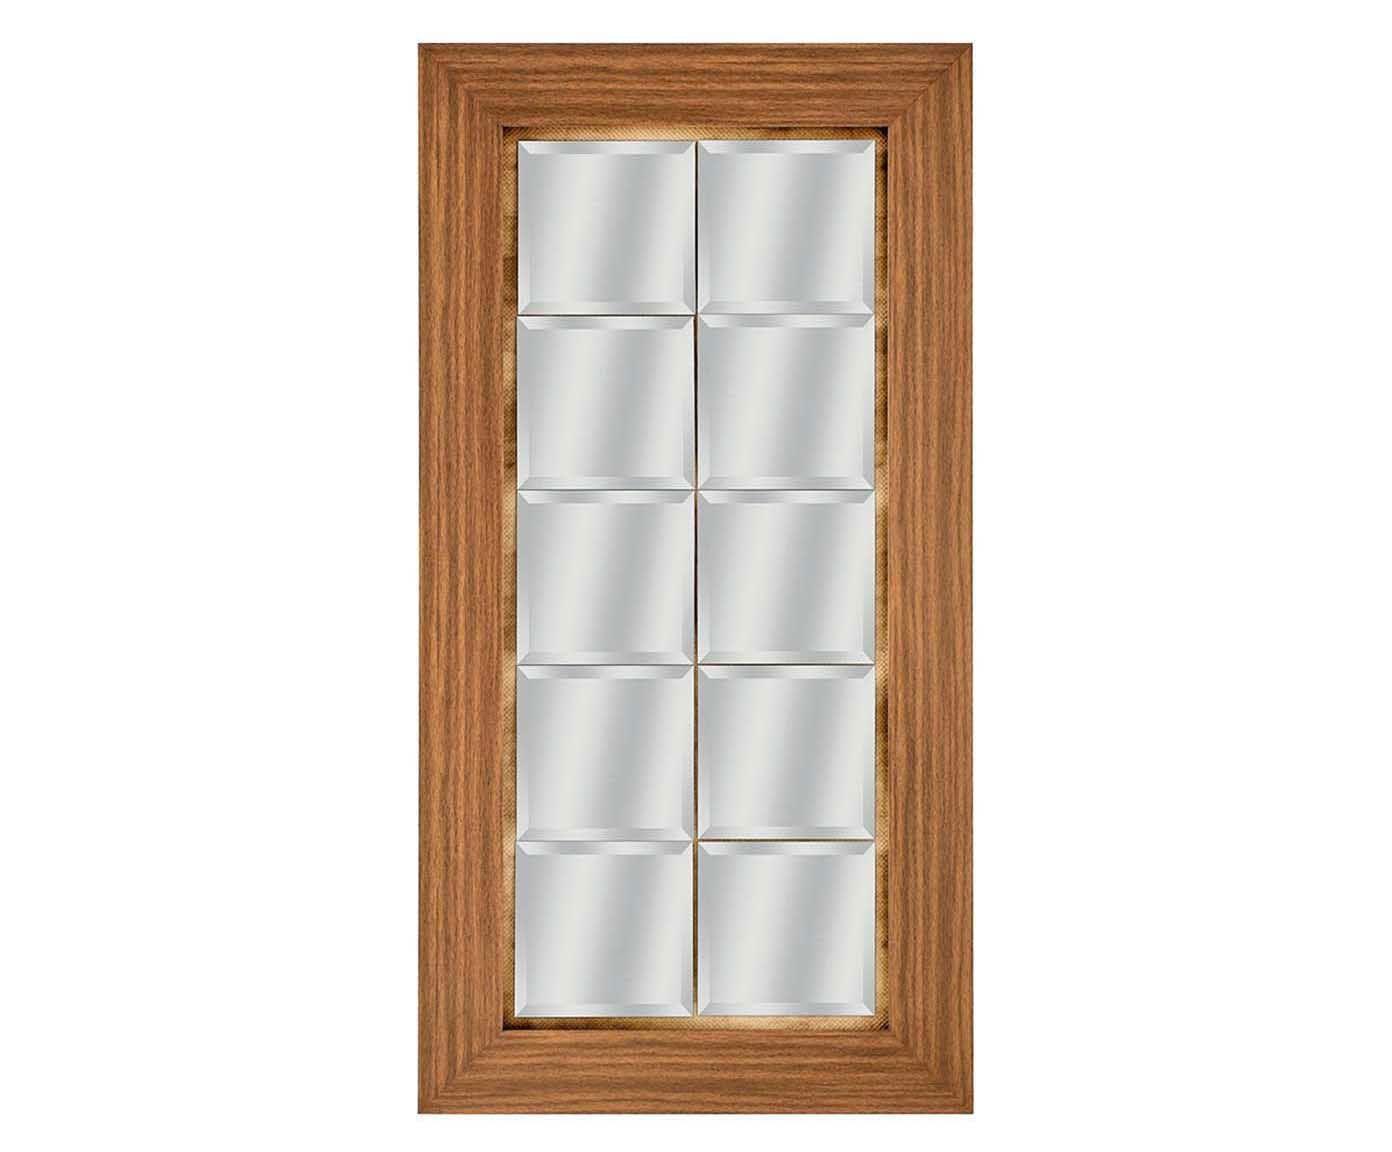 Espelho vicenza | Westwing.com.br